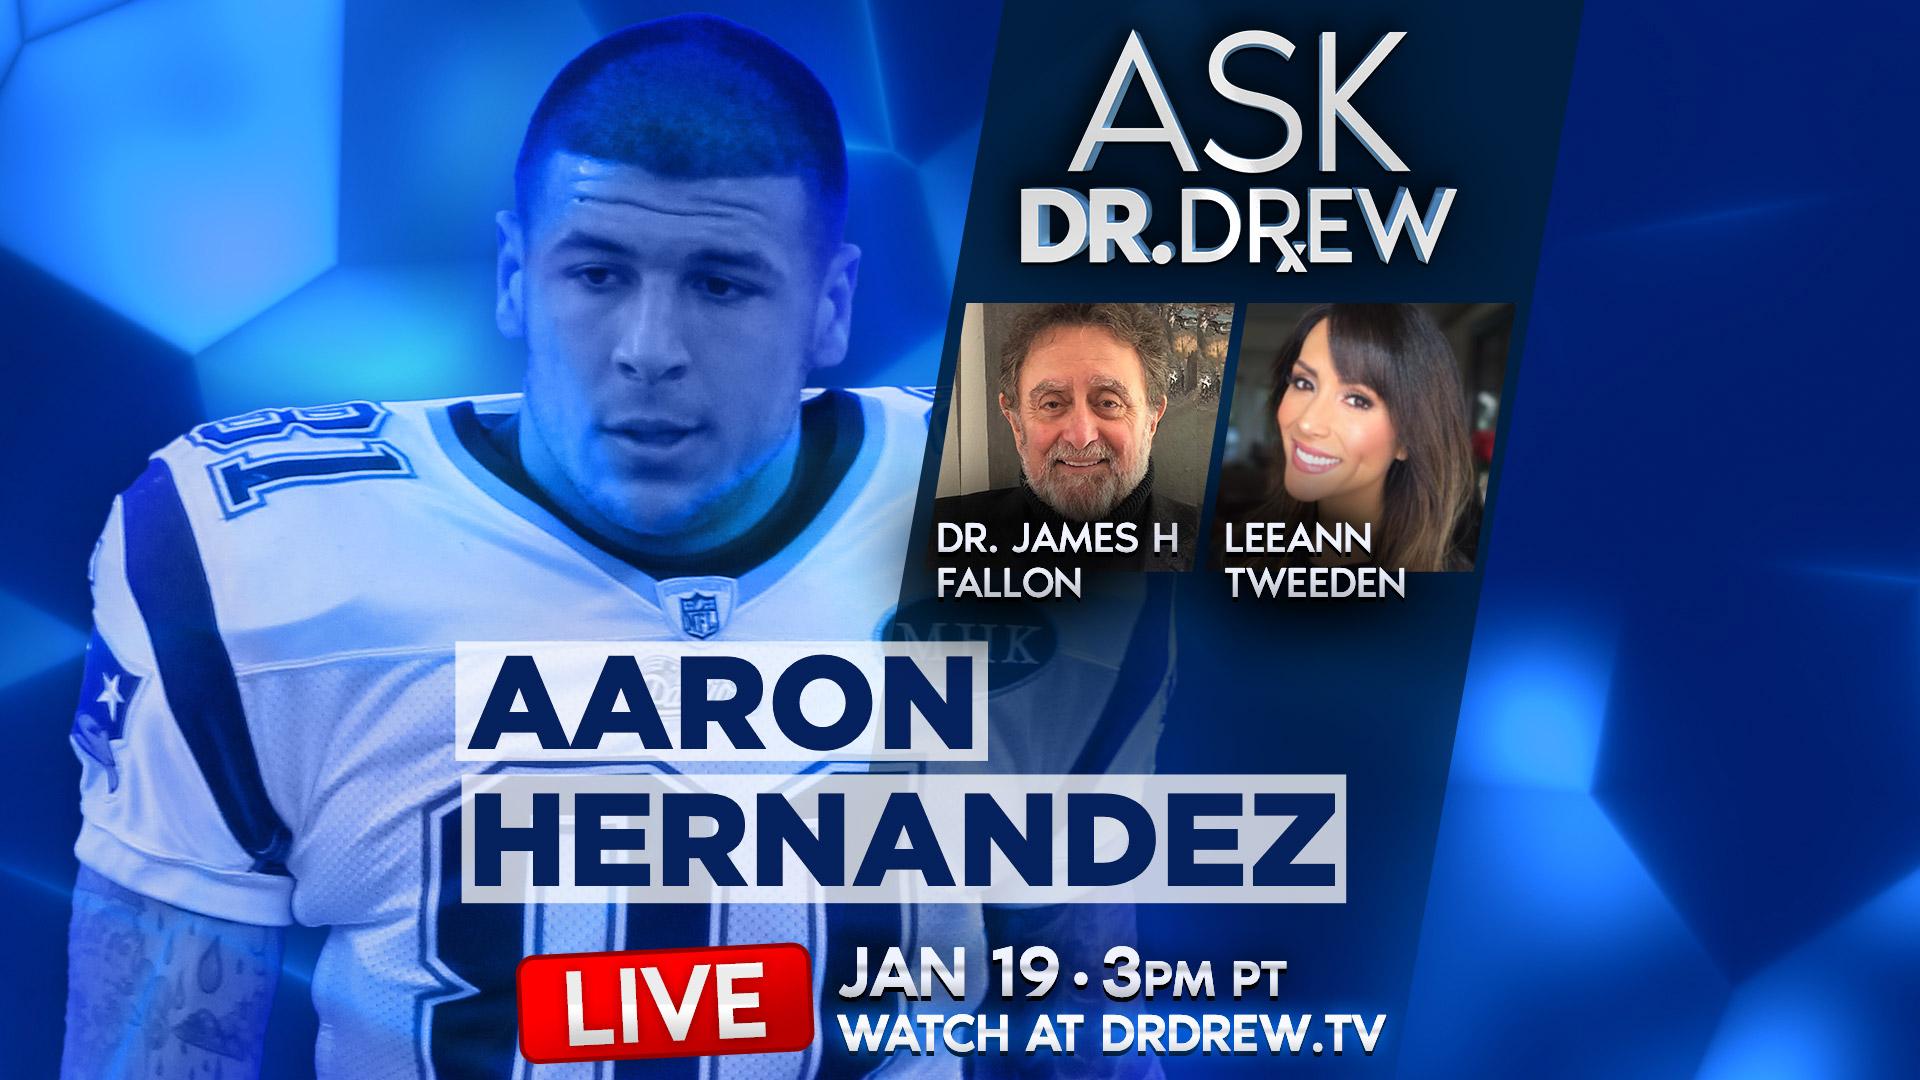 Jan 19: The Mind of Aaron Hernandez with Leeann Tweeden, Dr. James Fallon & Robert Marbut on Ask Dr. Drew